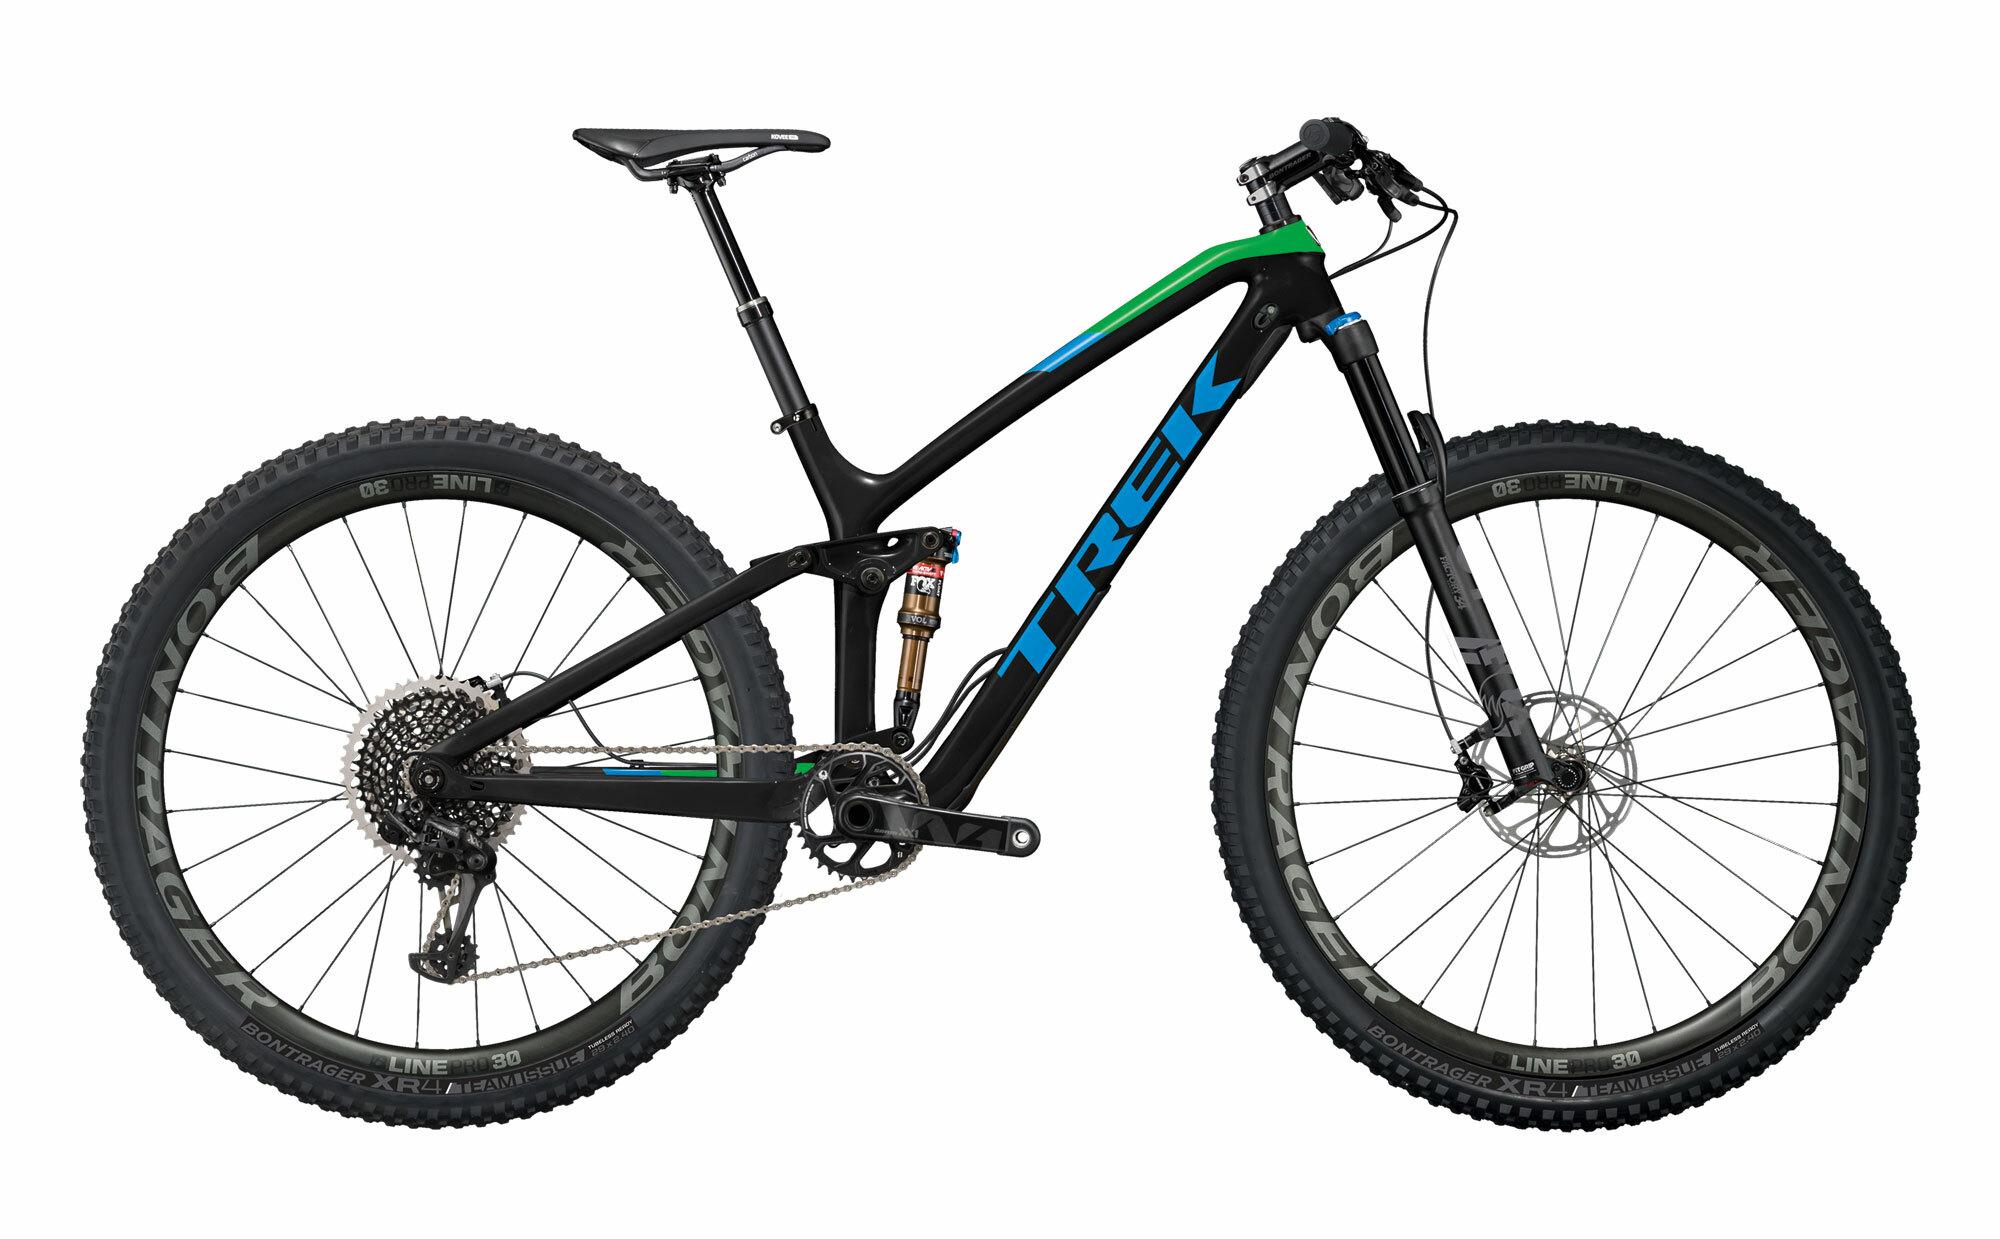 Trek Fuel EX 9.8 29 Project One